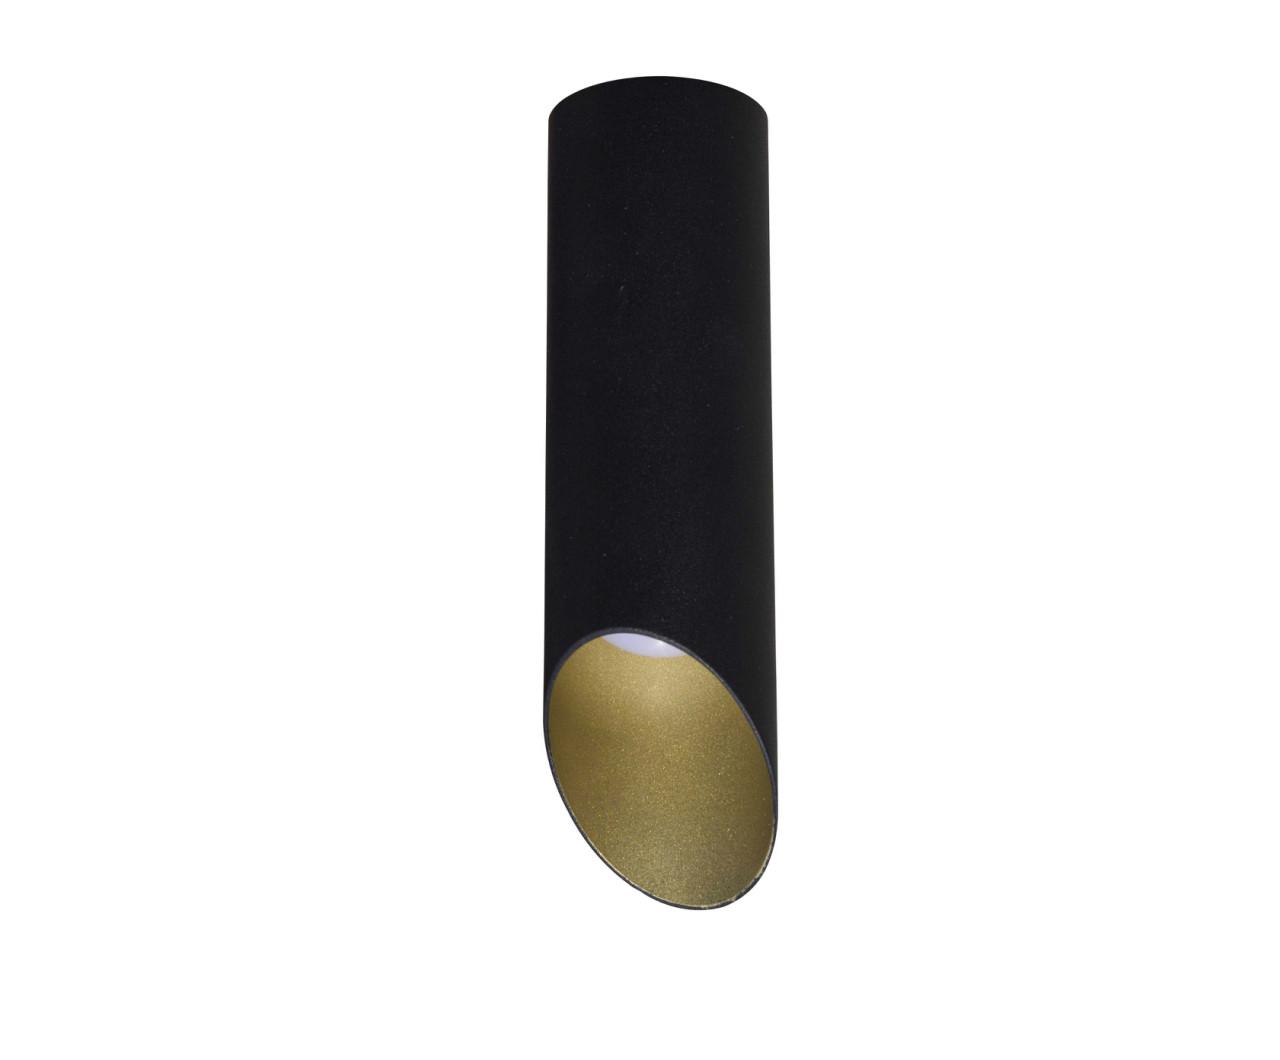 Светильник потолочный  Трубка  NL 1805 MSK Electric